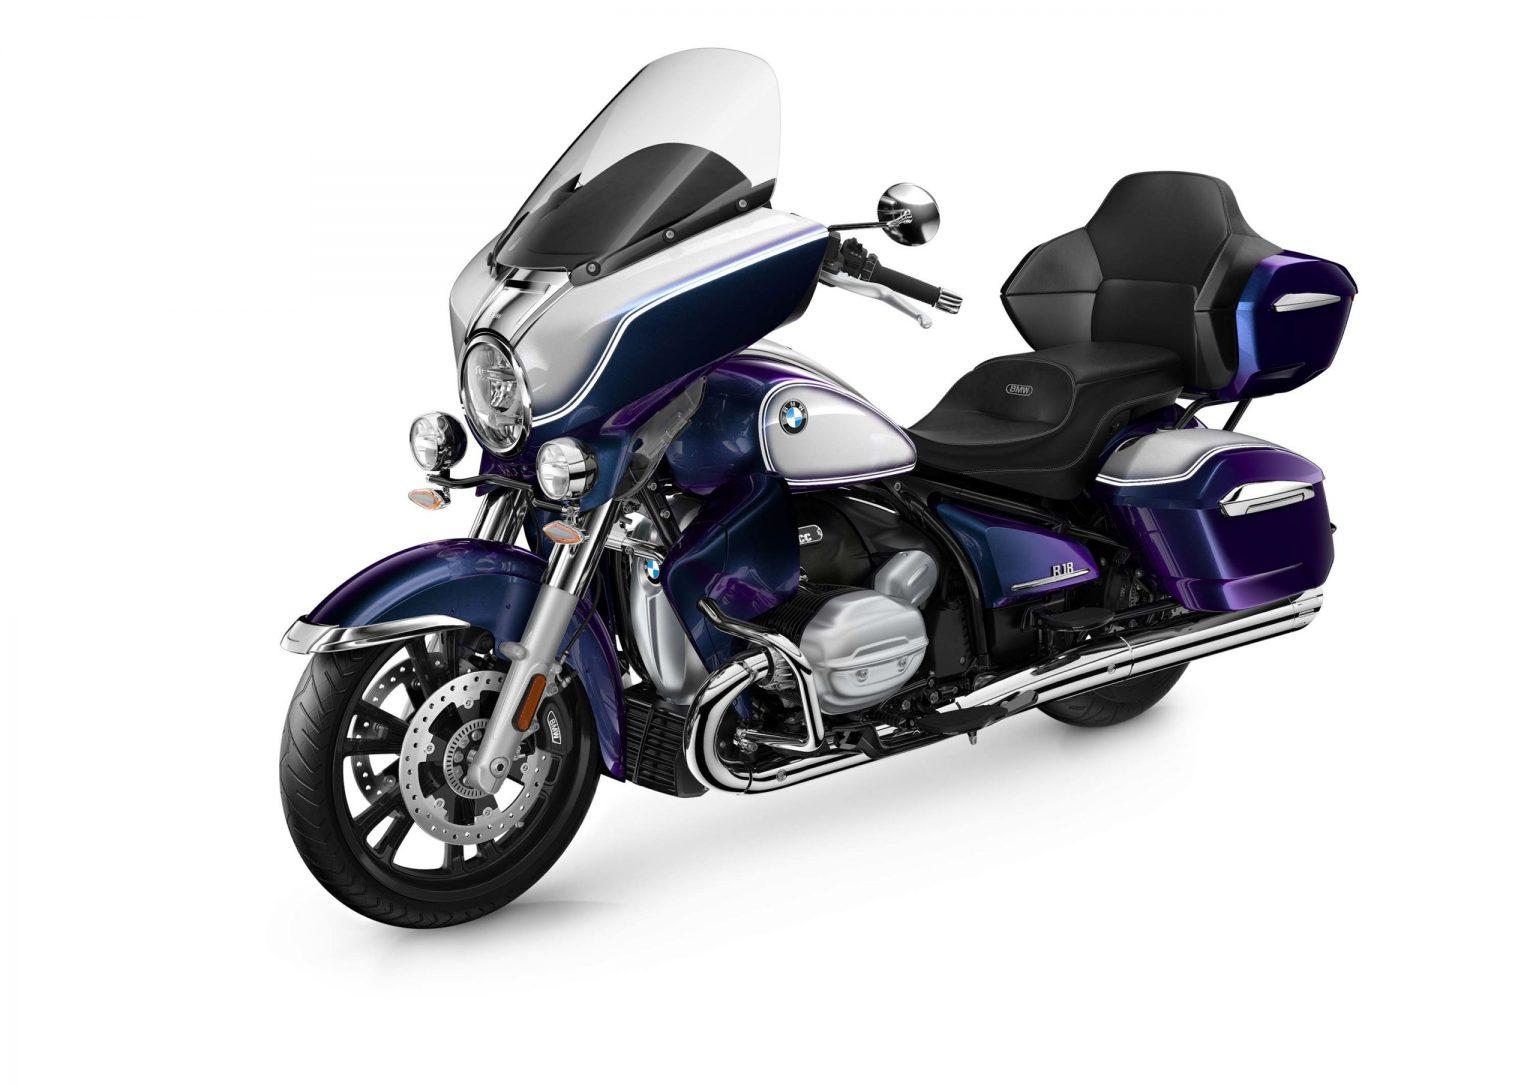 2022 BMW R 18 Specs,BMW R 18,BMW R 18,bmw r18 first edition,bmw r18 price,bmw r18 review,bmwr 1800 motorcycle,bmw r18 for sale,bmw r18 power cruiser,bmwr 1800